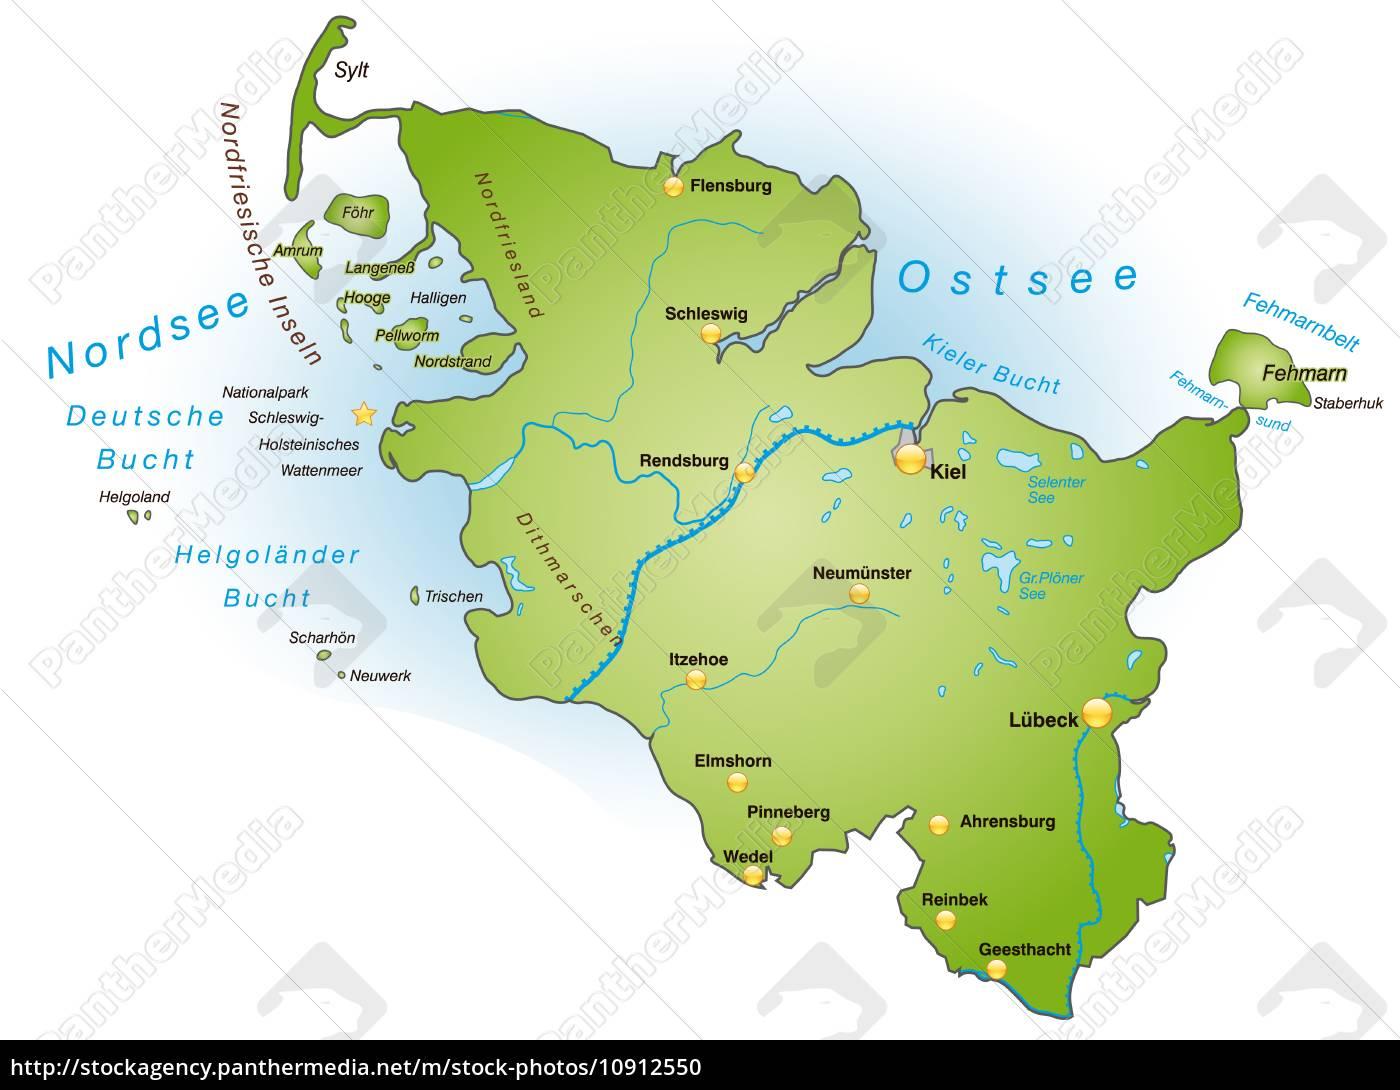 Schleswig Holstein Karte.Stock Bild 10912550 Karte Von Schleswig Holstein Als übersichtskarte In Grün